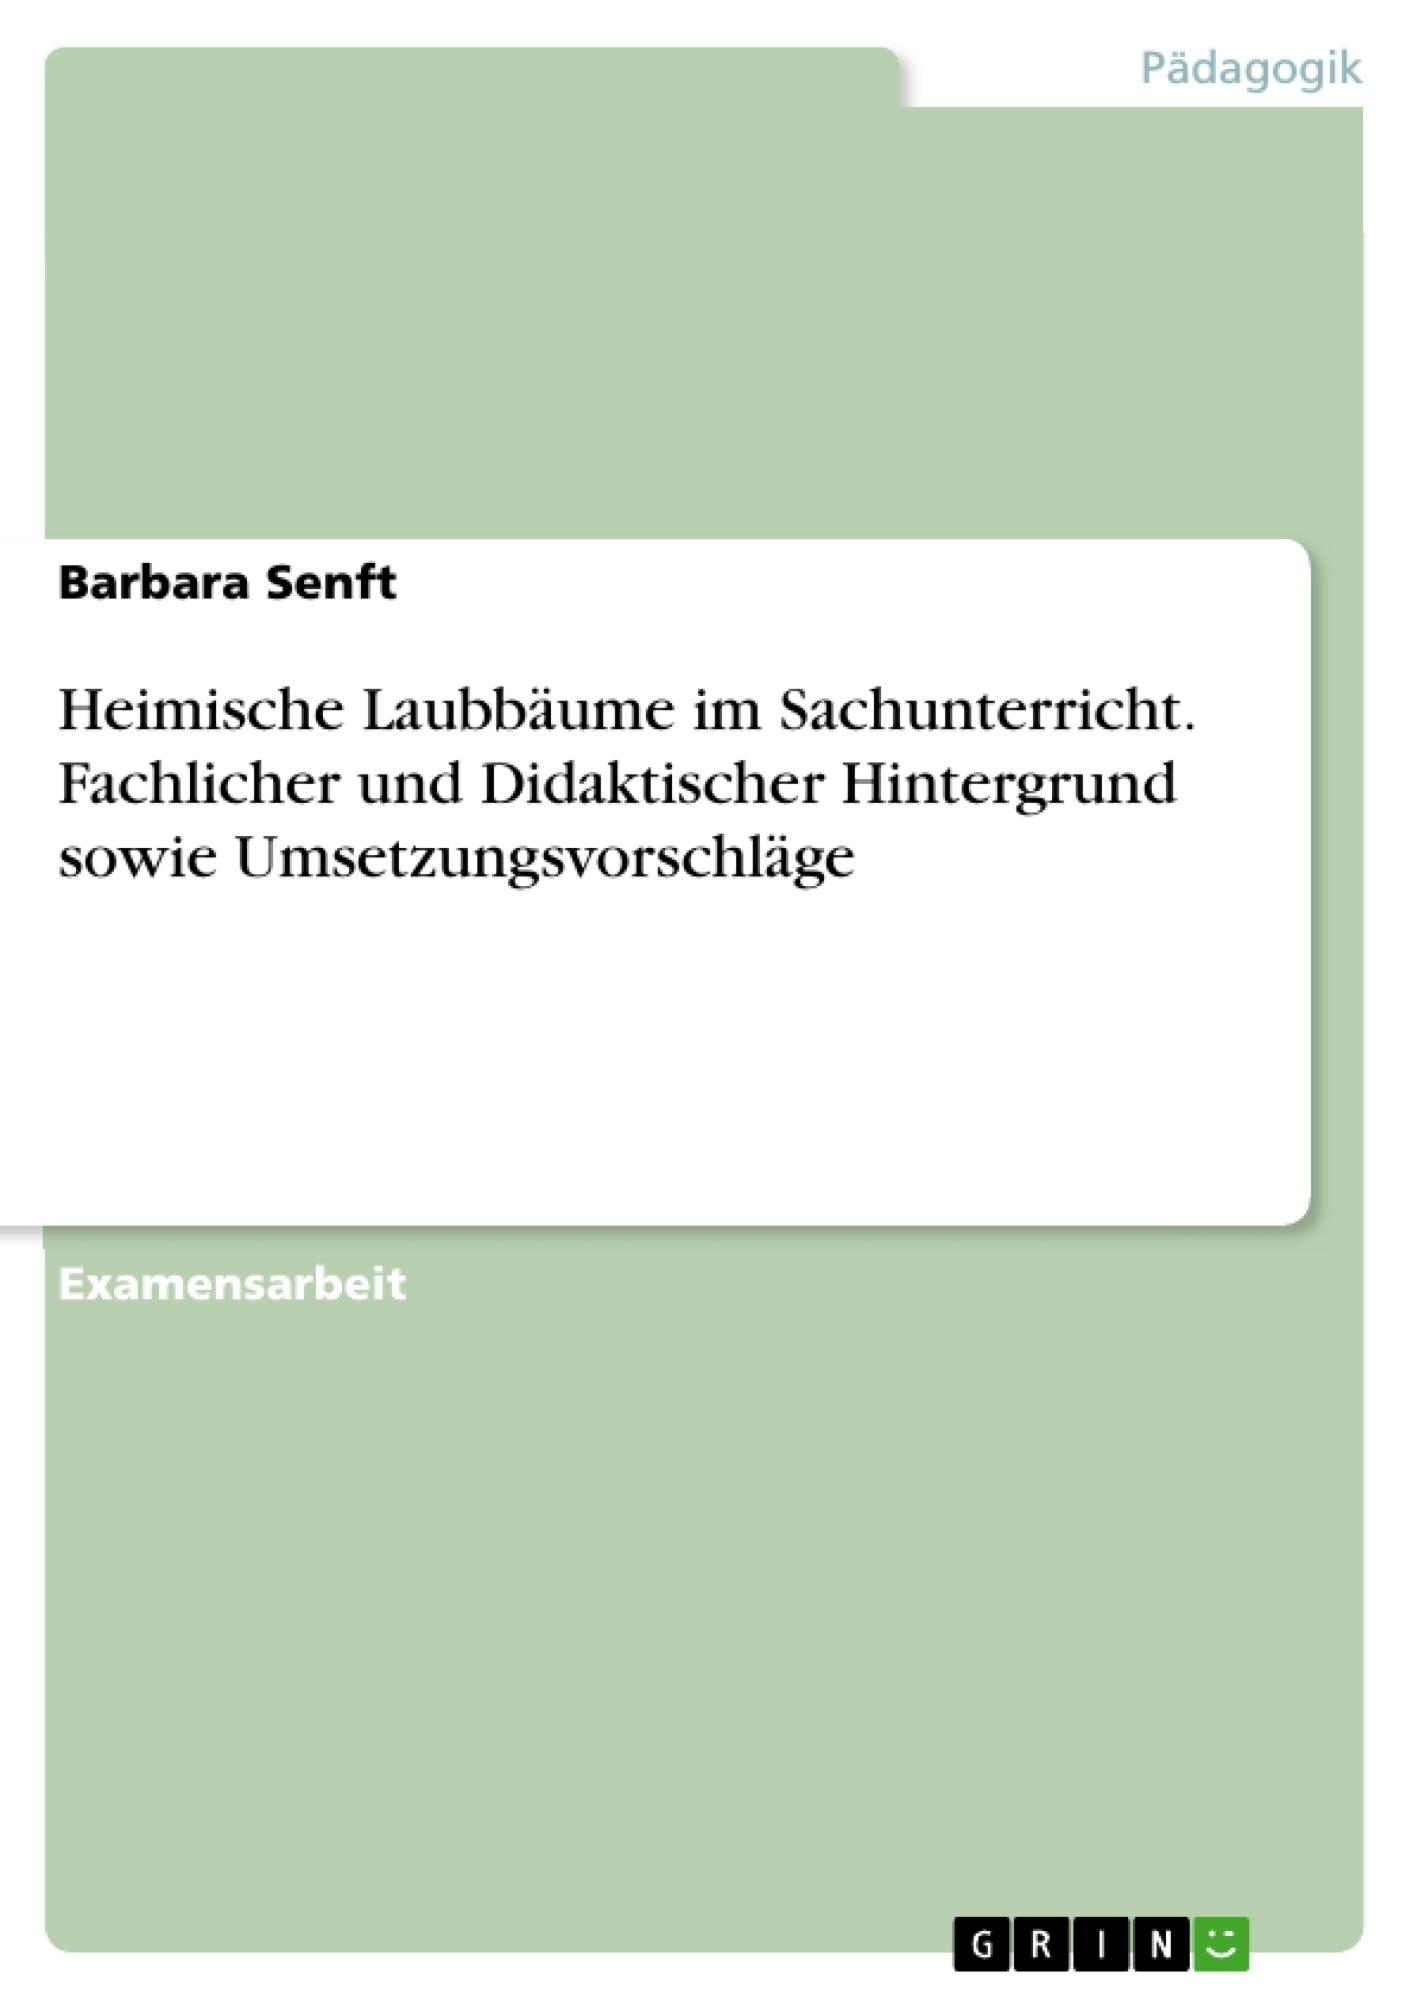 Titel: Heimische Laubbäume im Sachunterricht. Fachlicher und Didaktischer Hintergrund sowie Umsetzungsvorschläge